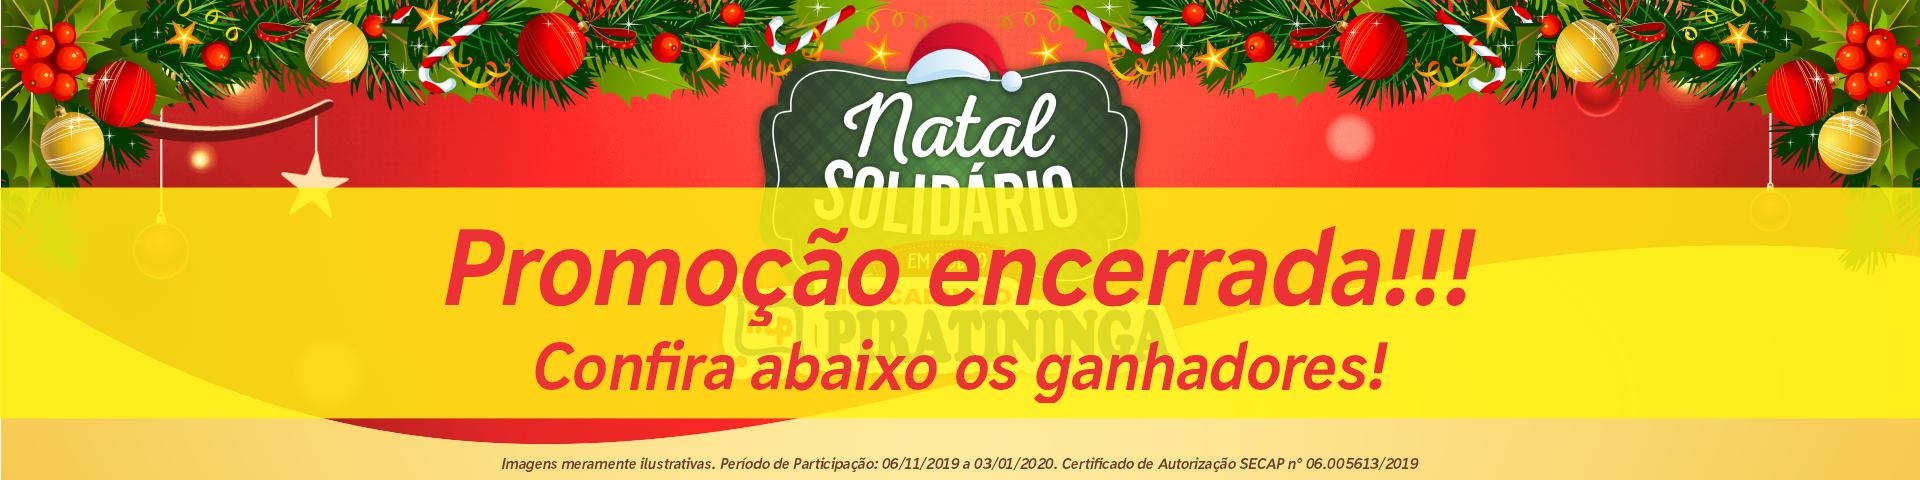 Confira os ganhadores da Promoção Natal Solidário em Dobro!